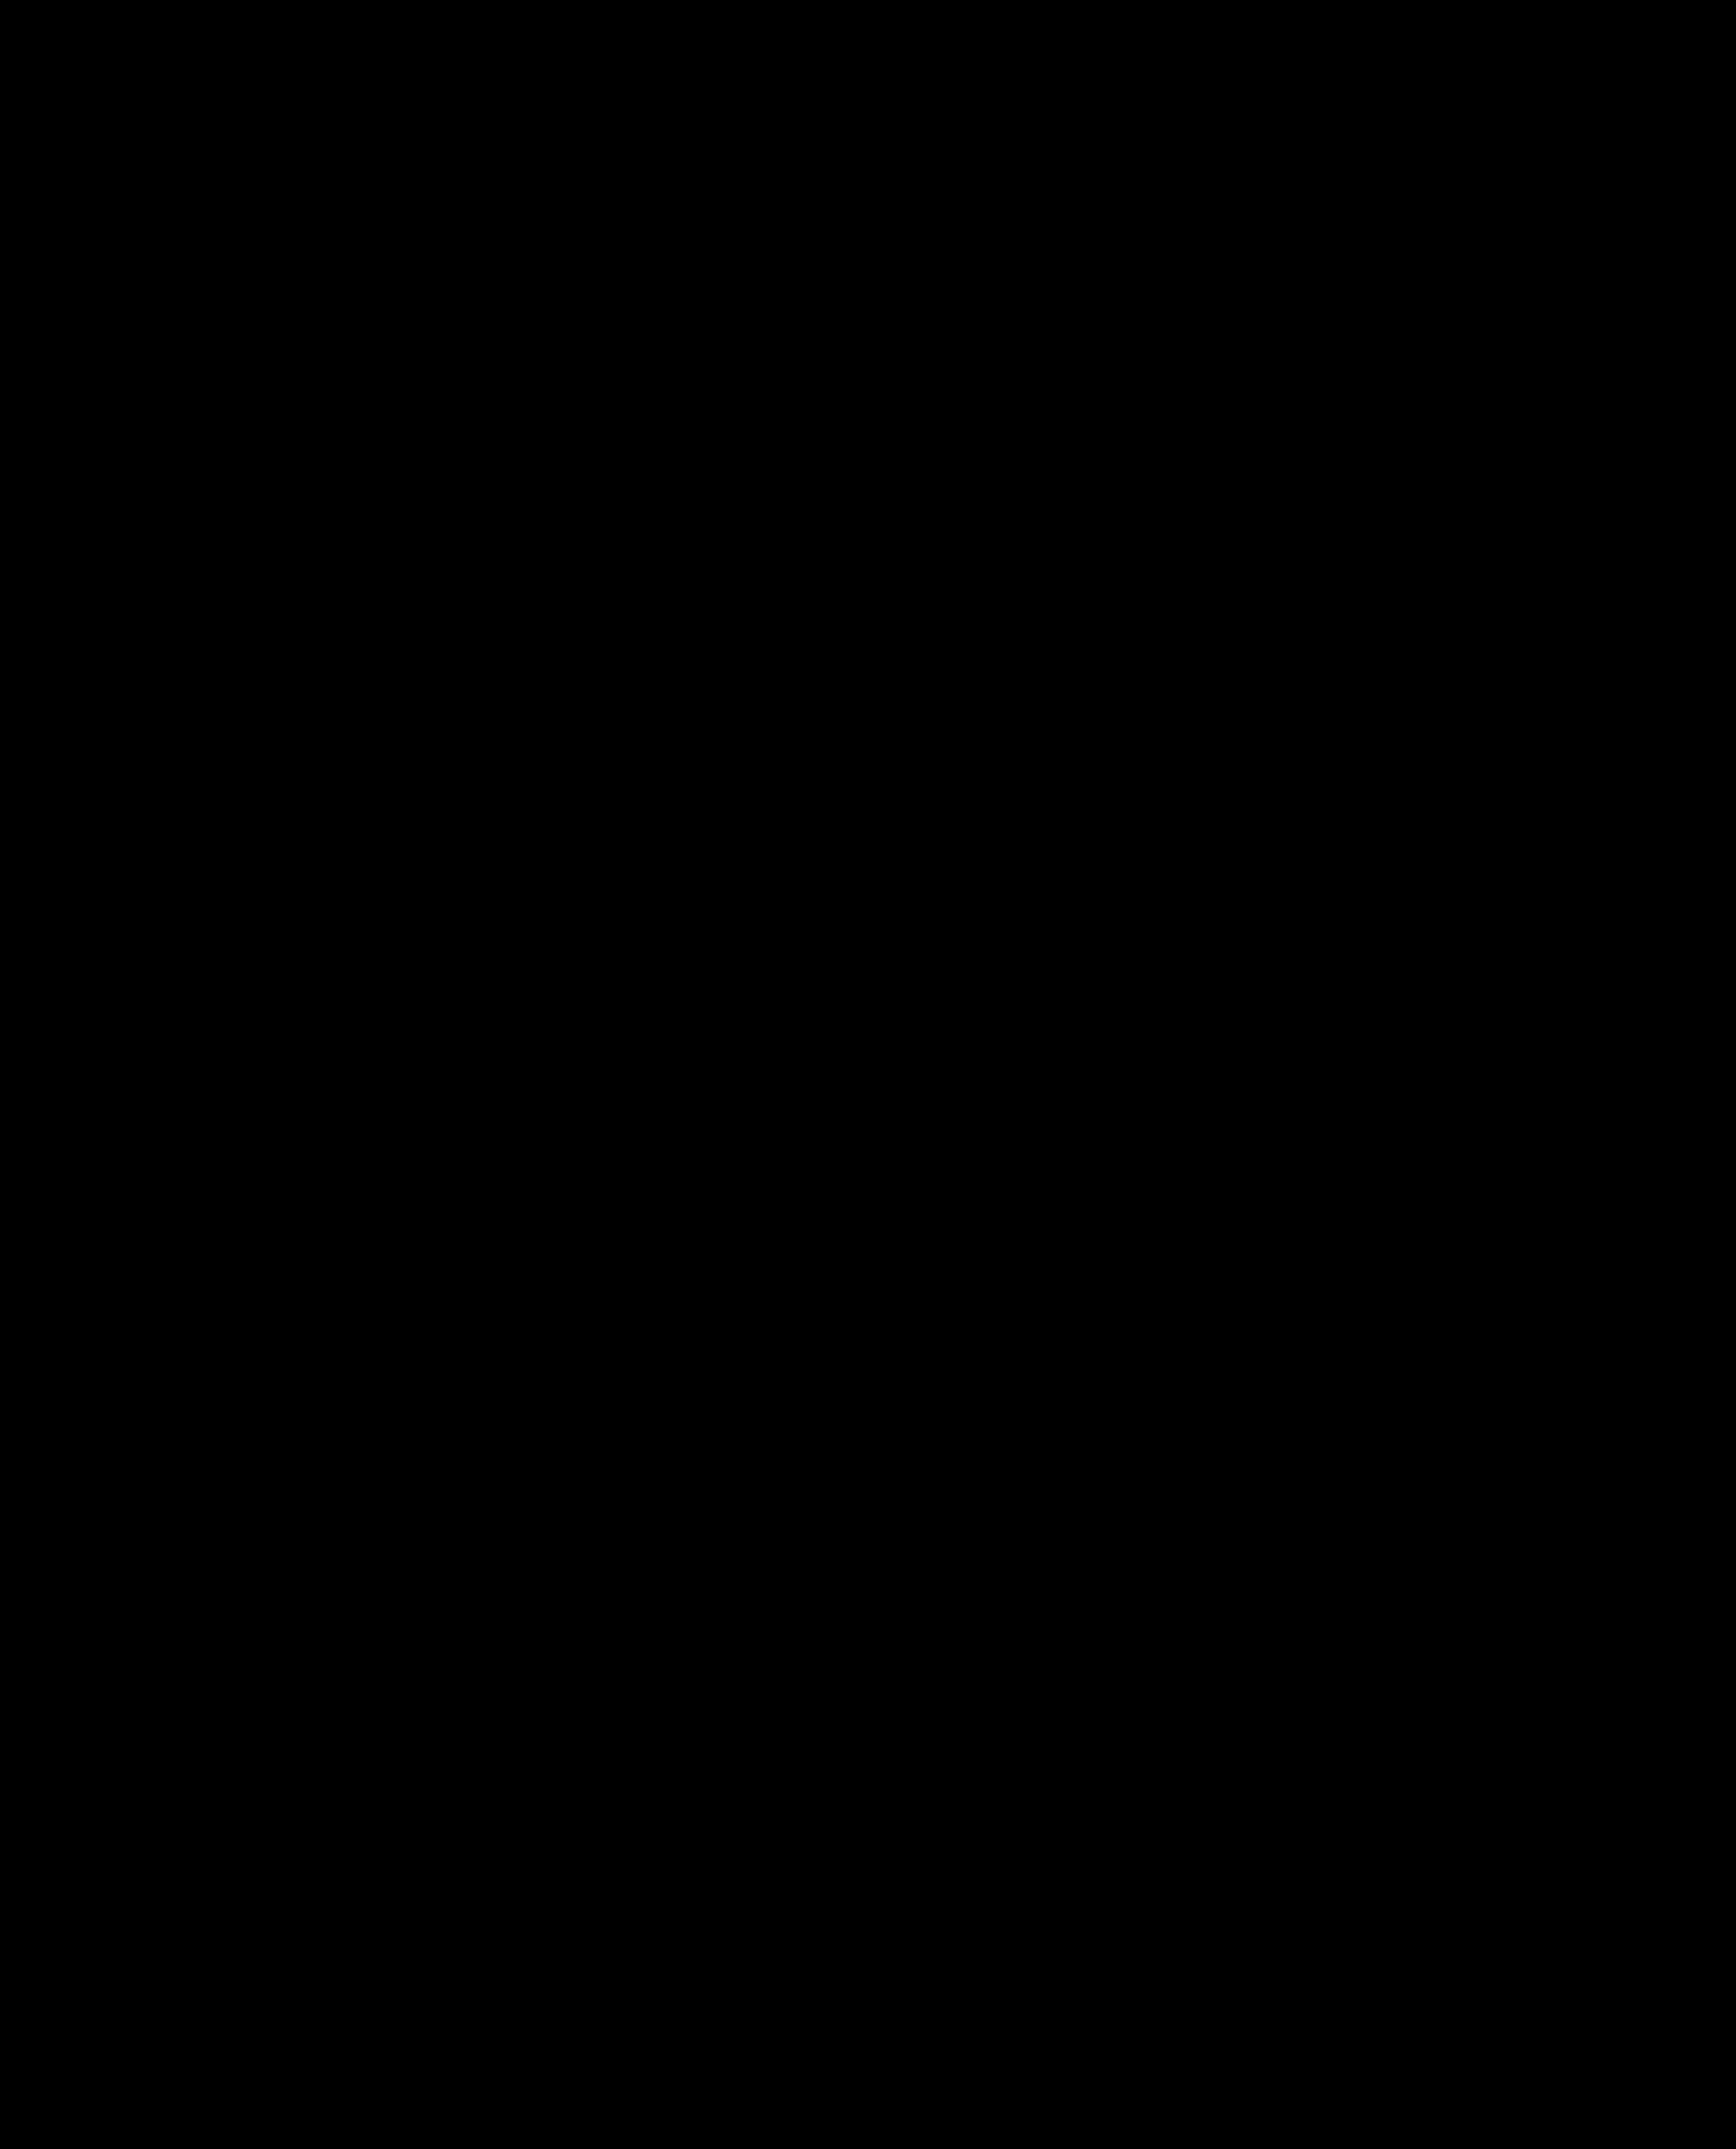 Herbert Hoover Jr